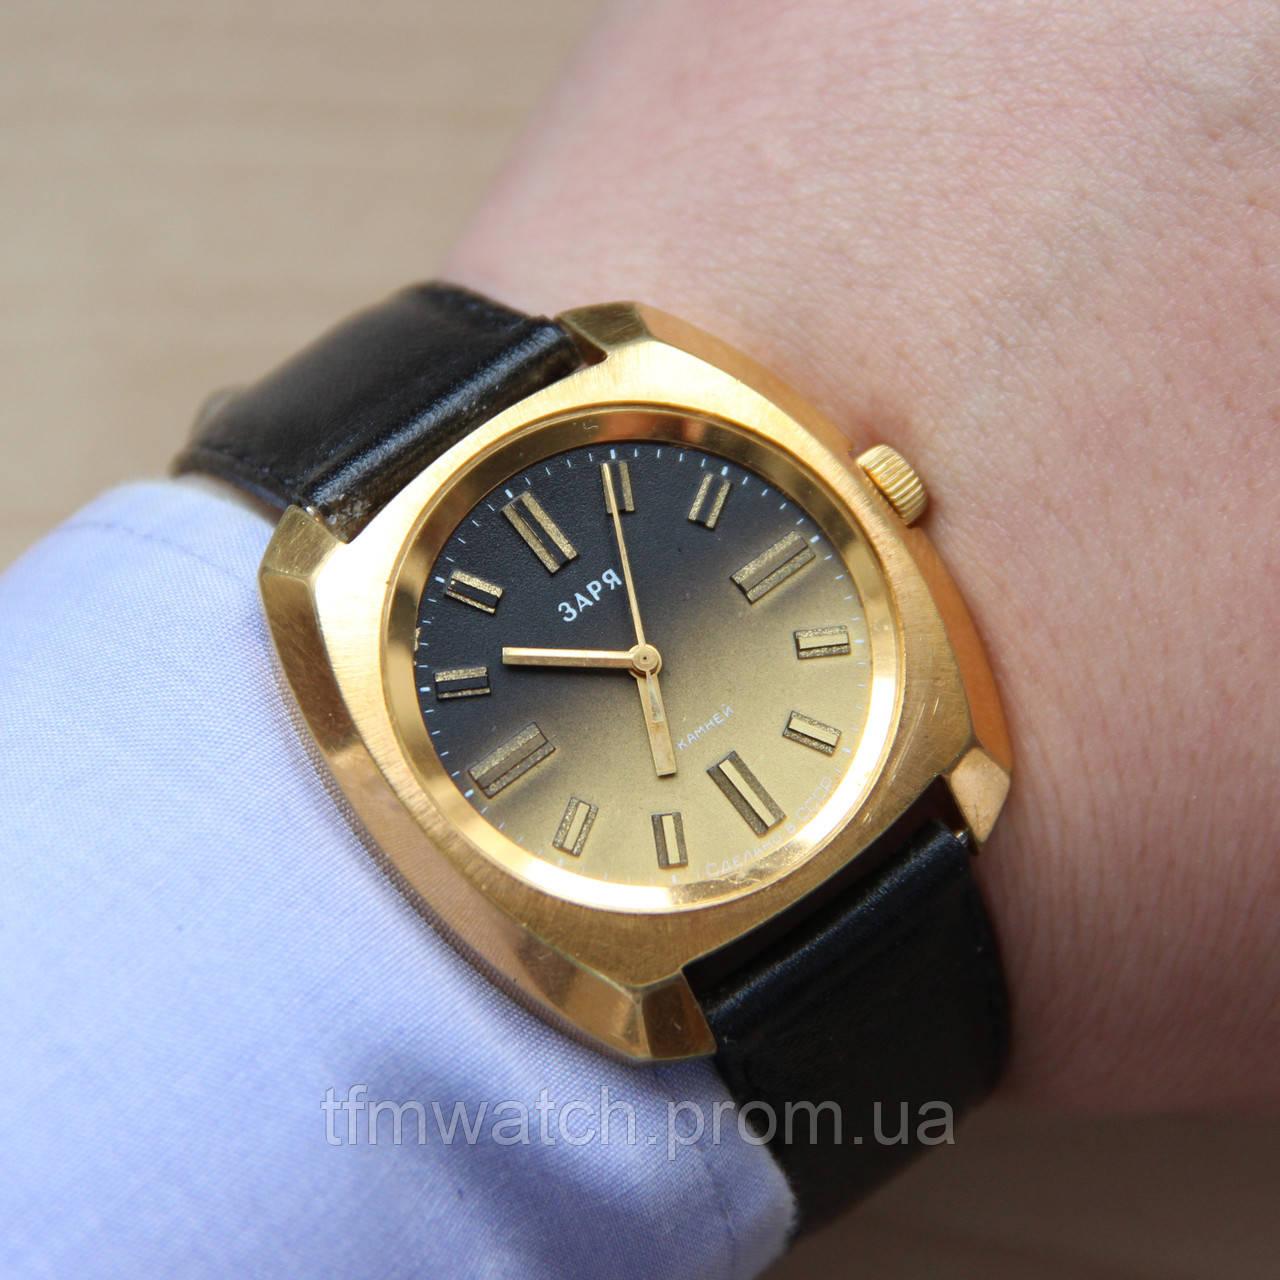 a5883120 Заря крупные наручные механические часы СССР - Магазин старинных, винтажных  и антикварных часов TFMwatch в